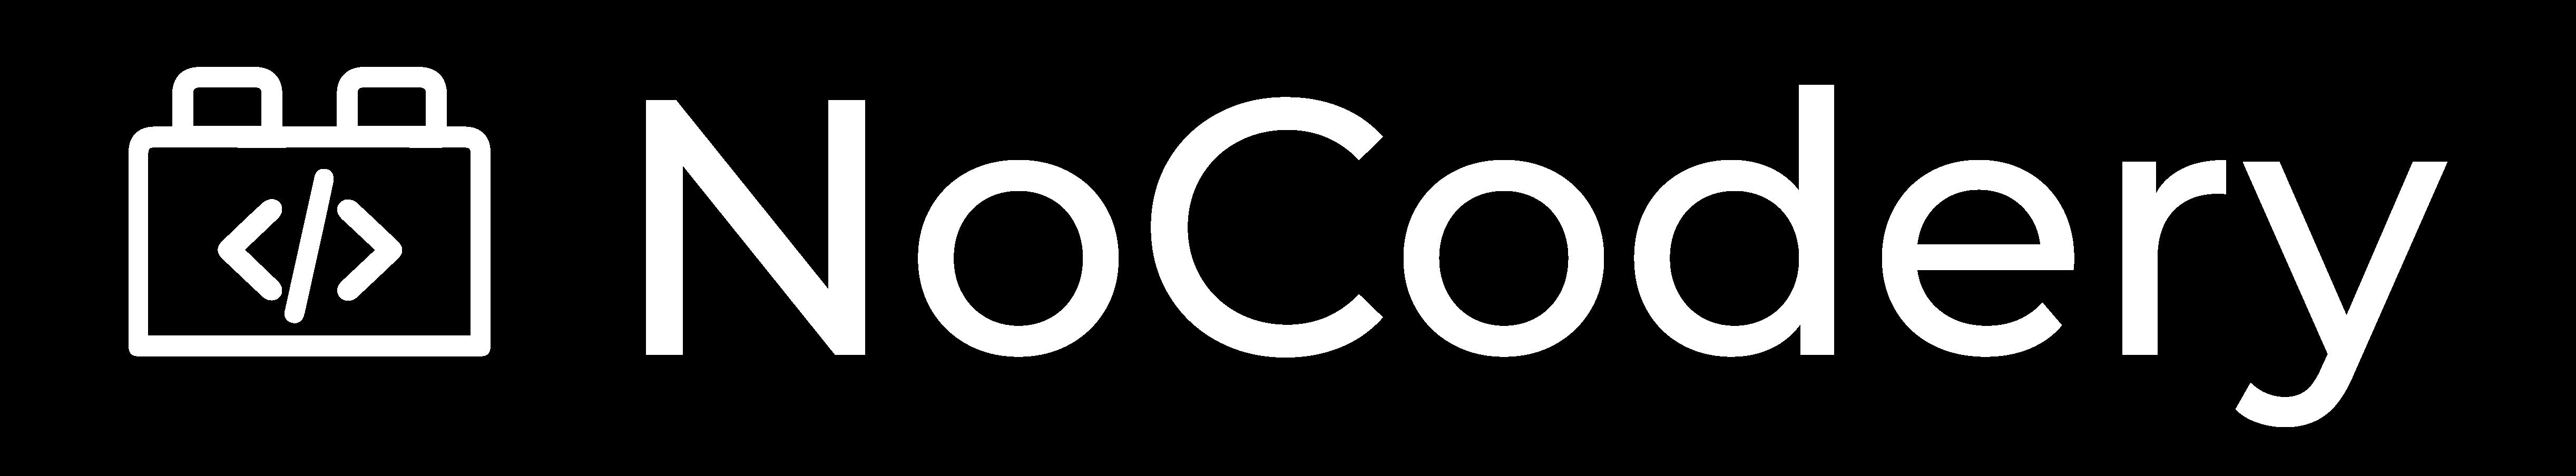 NoCodery